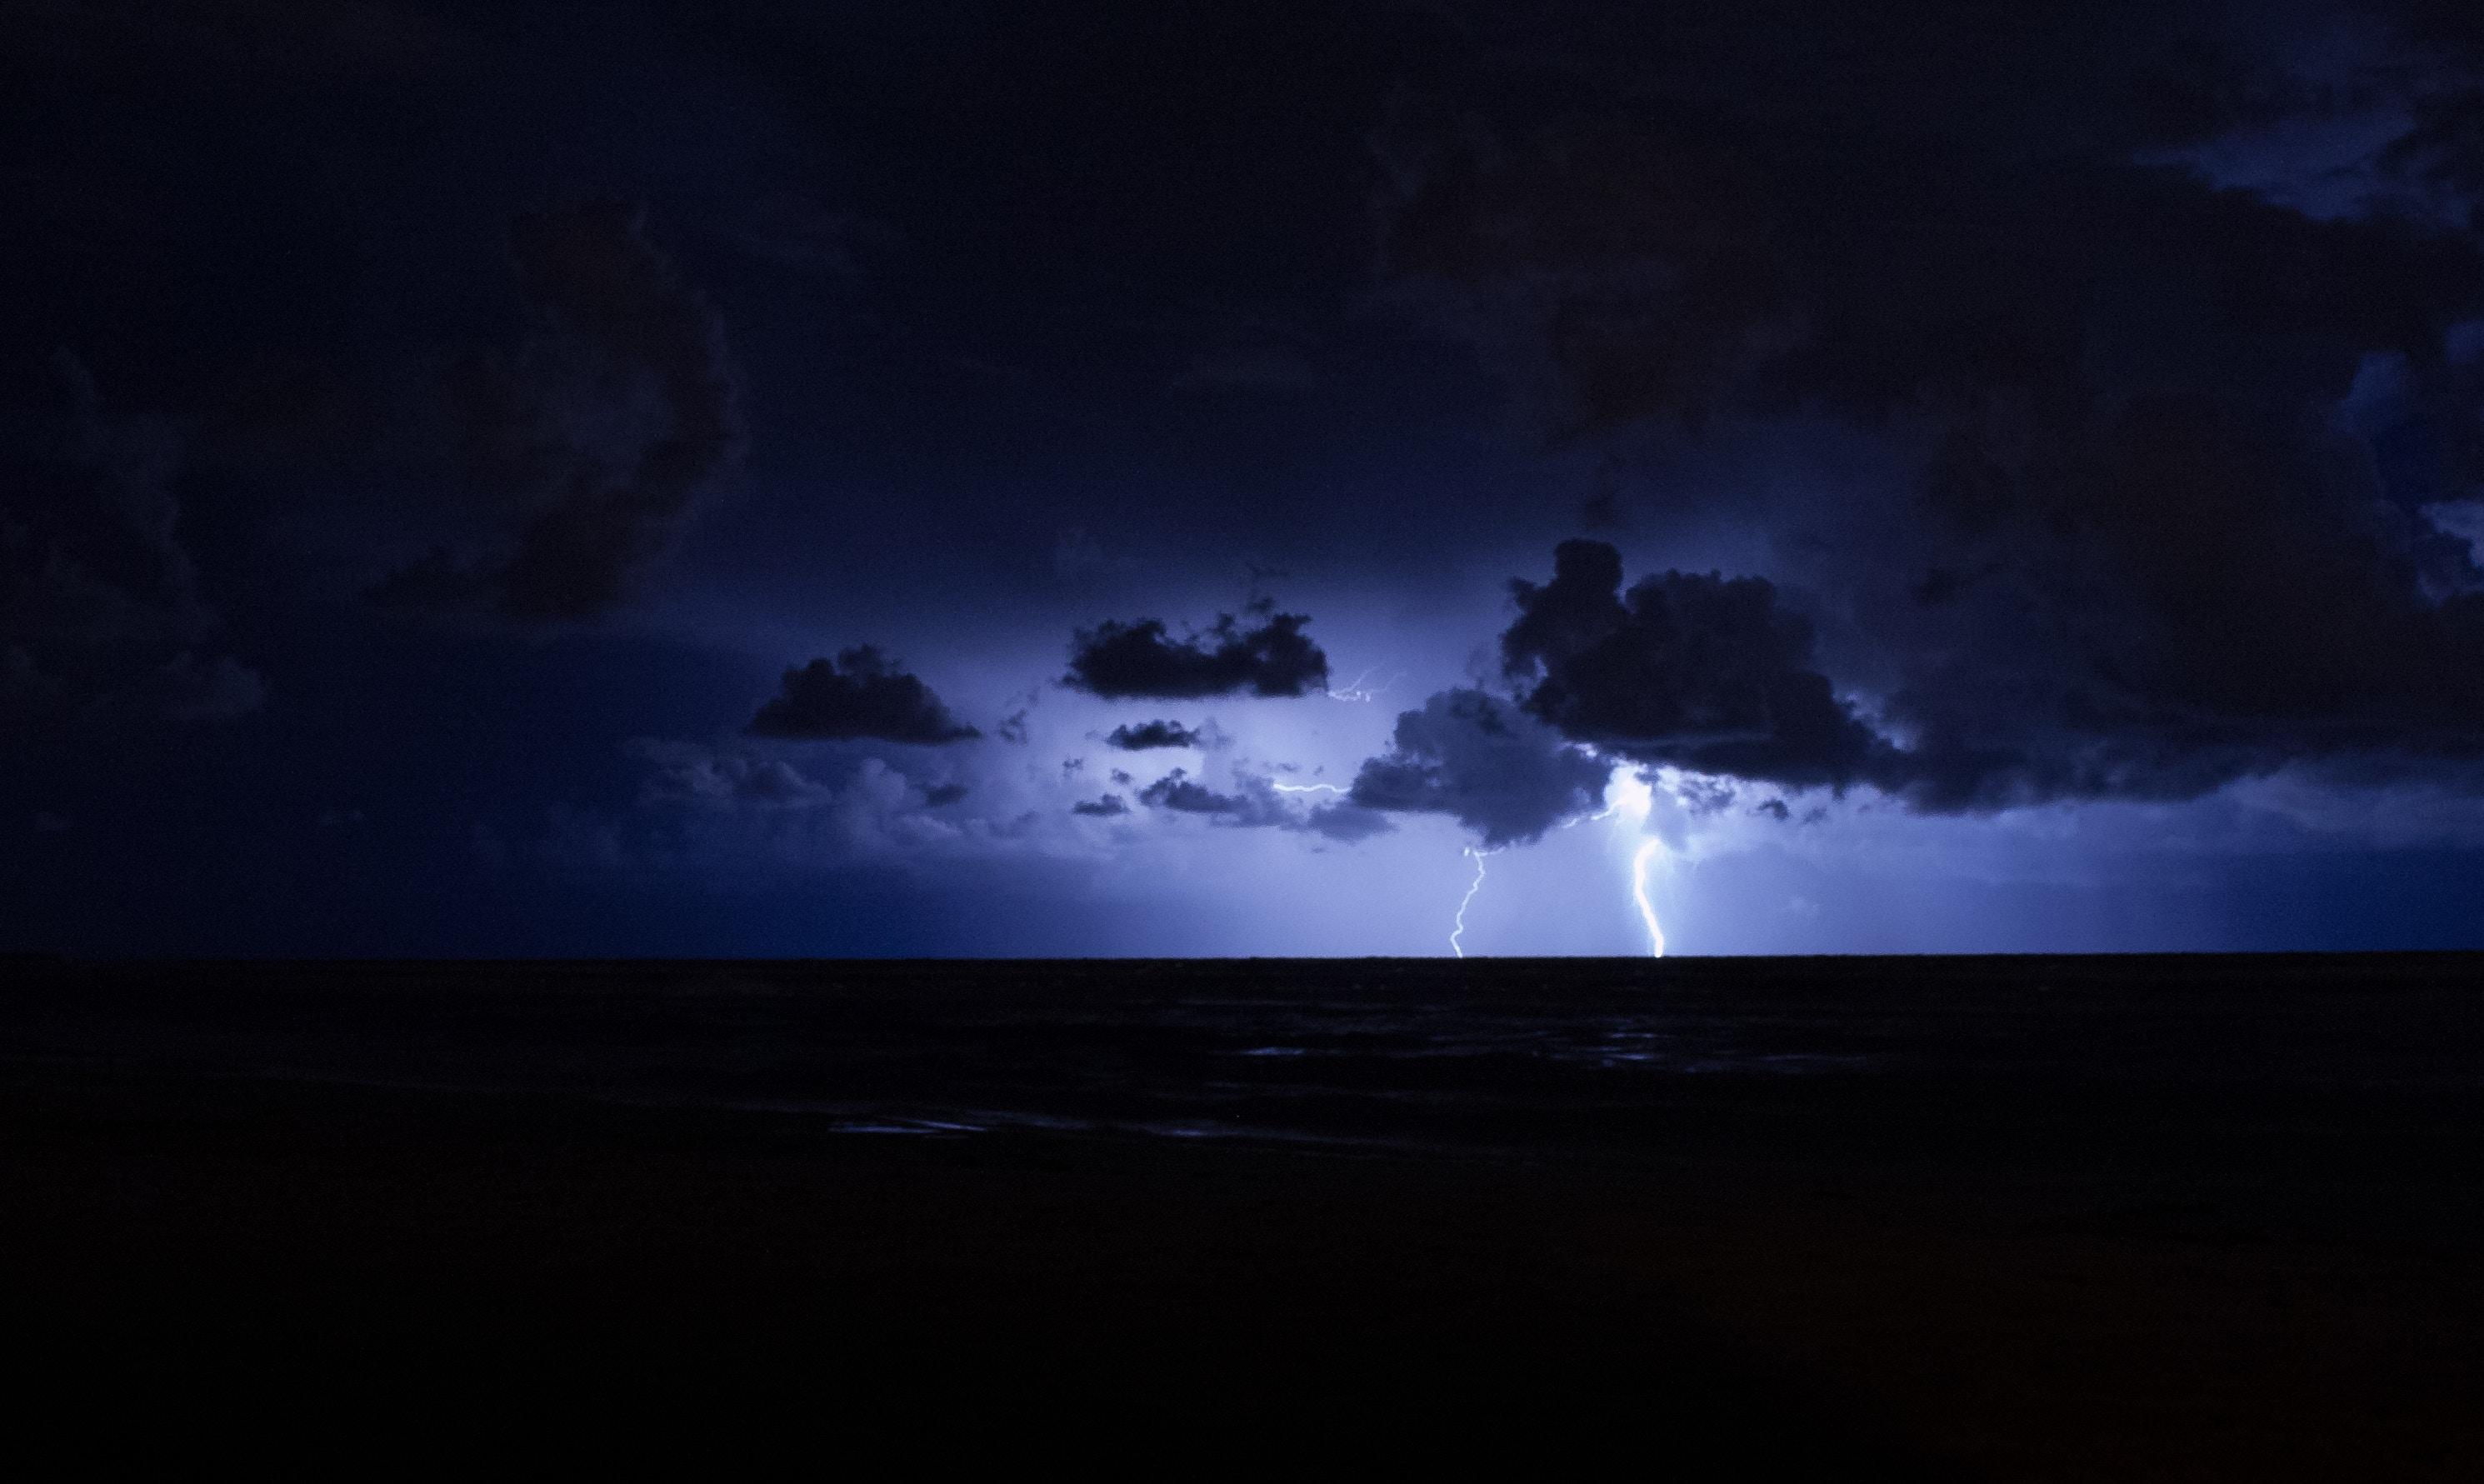 71587 Заставки и Обои Молния на телефон. Скачать Ночь, Небо, Горизонт, Темные, Молния, Гроза картинки бесплатно